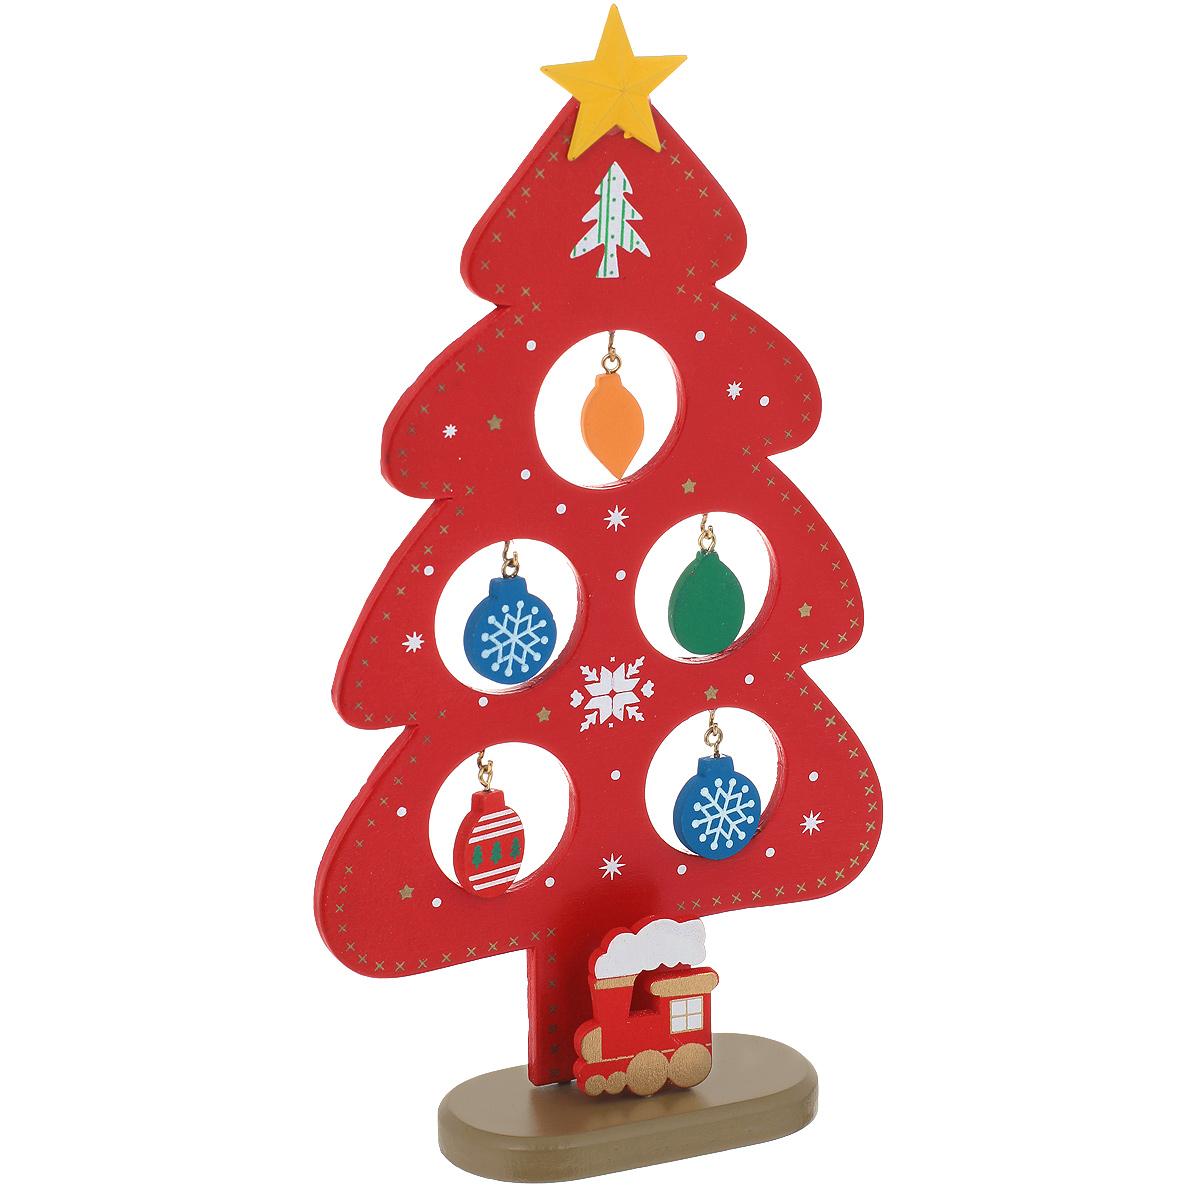 Новогоднее деревянное украшение Елочка, цвет: красный. 3525235252Оригинальное деревянное украшение Елочка гармонично впишется в праздничный интерьер вашего дома или офиса. Украшение выполнено из древесины тополя в виде красной елочки, которая устанавливается на подставку. На елке имеются металлические крючки для деревянных игрушек. Сверху елочку украшает желтая звезда. Новогодние украшения всегда несут в себе волшебство и красоту праздника. Создайте в своем доме атмосферу тепла, веселья и радости, украшая его всей семьей.